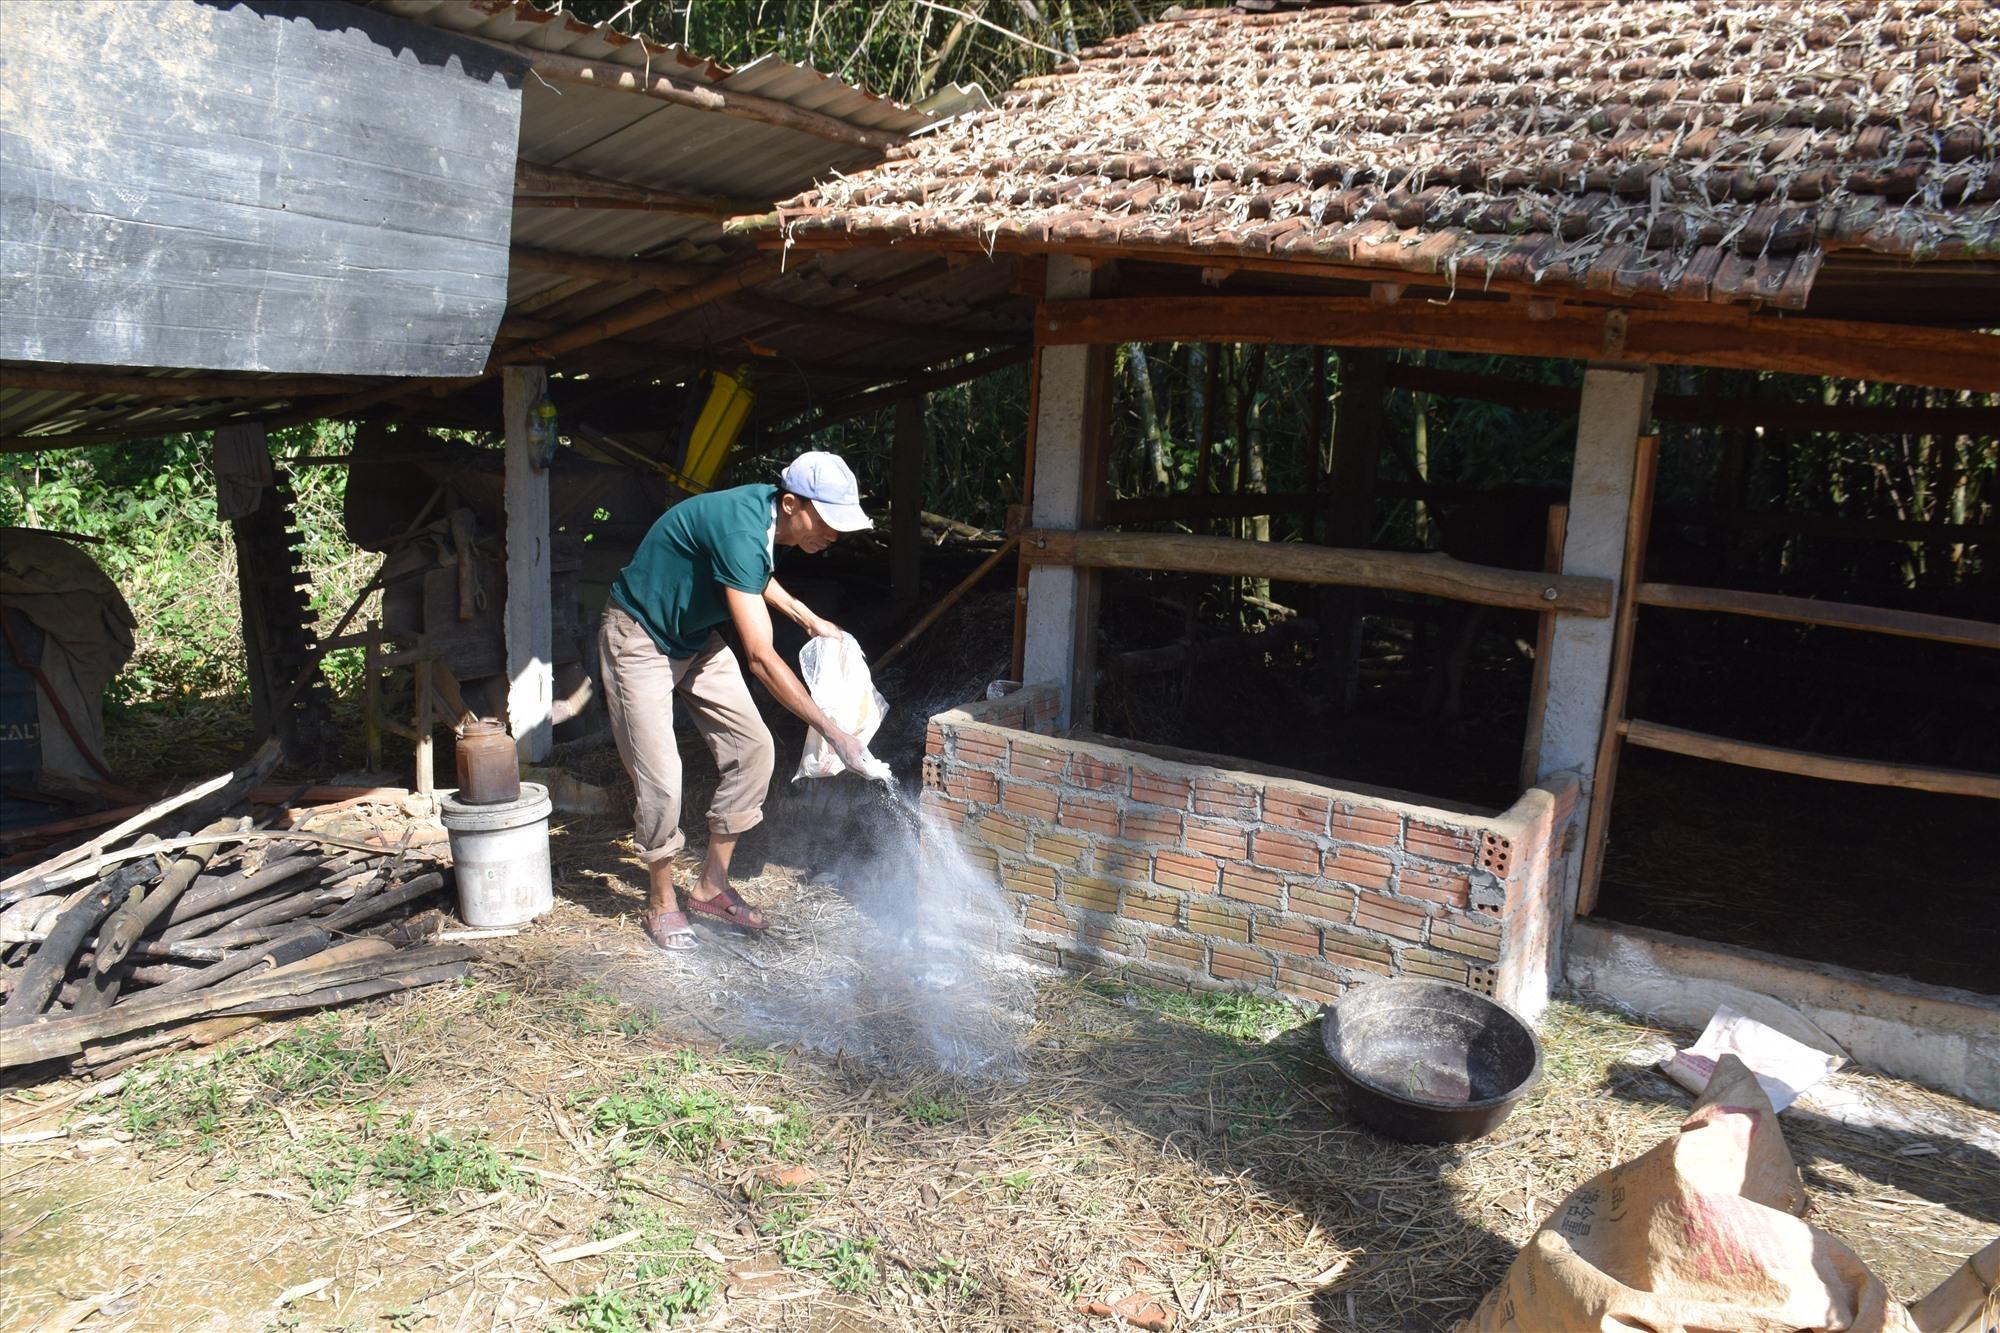 Người chăn nuôi chủ động vệ sinh chuồng trại. Ảnh: L.T